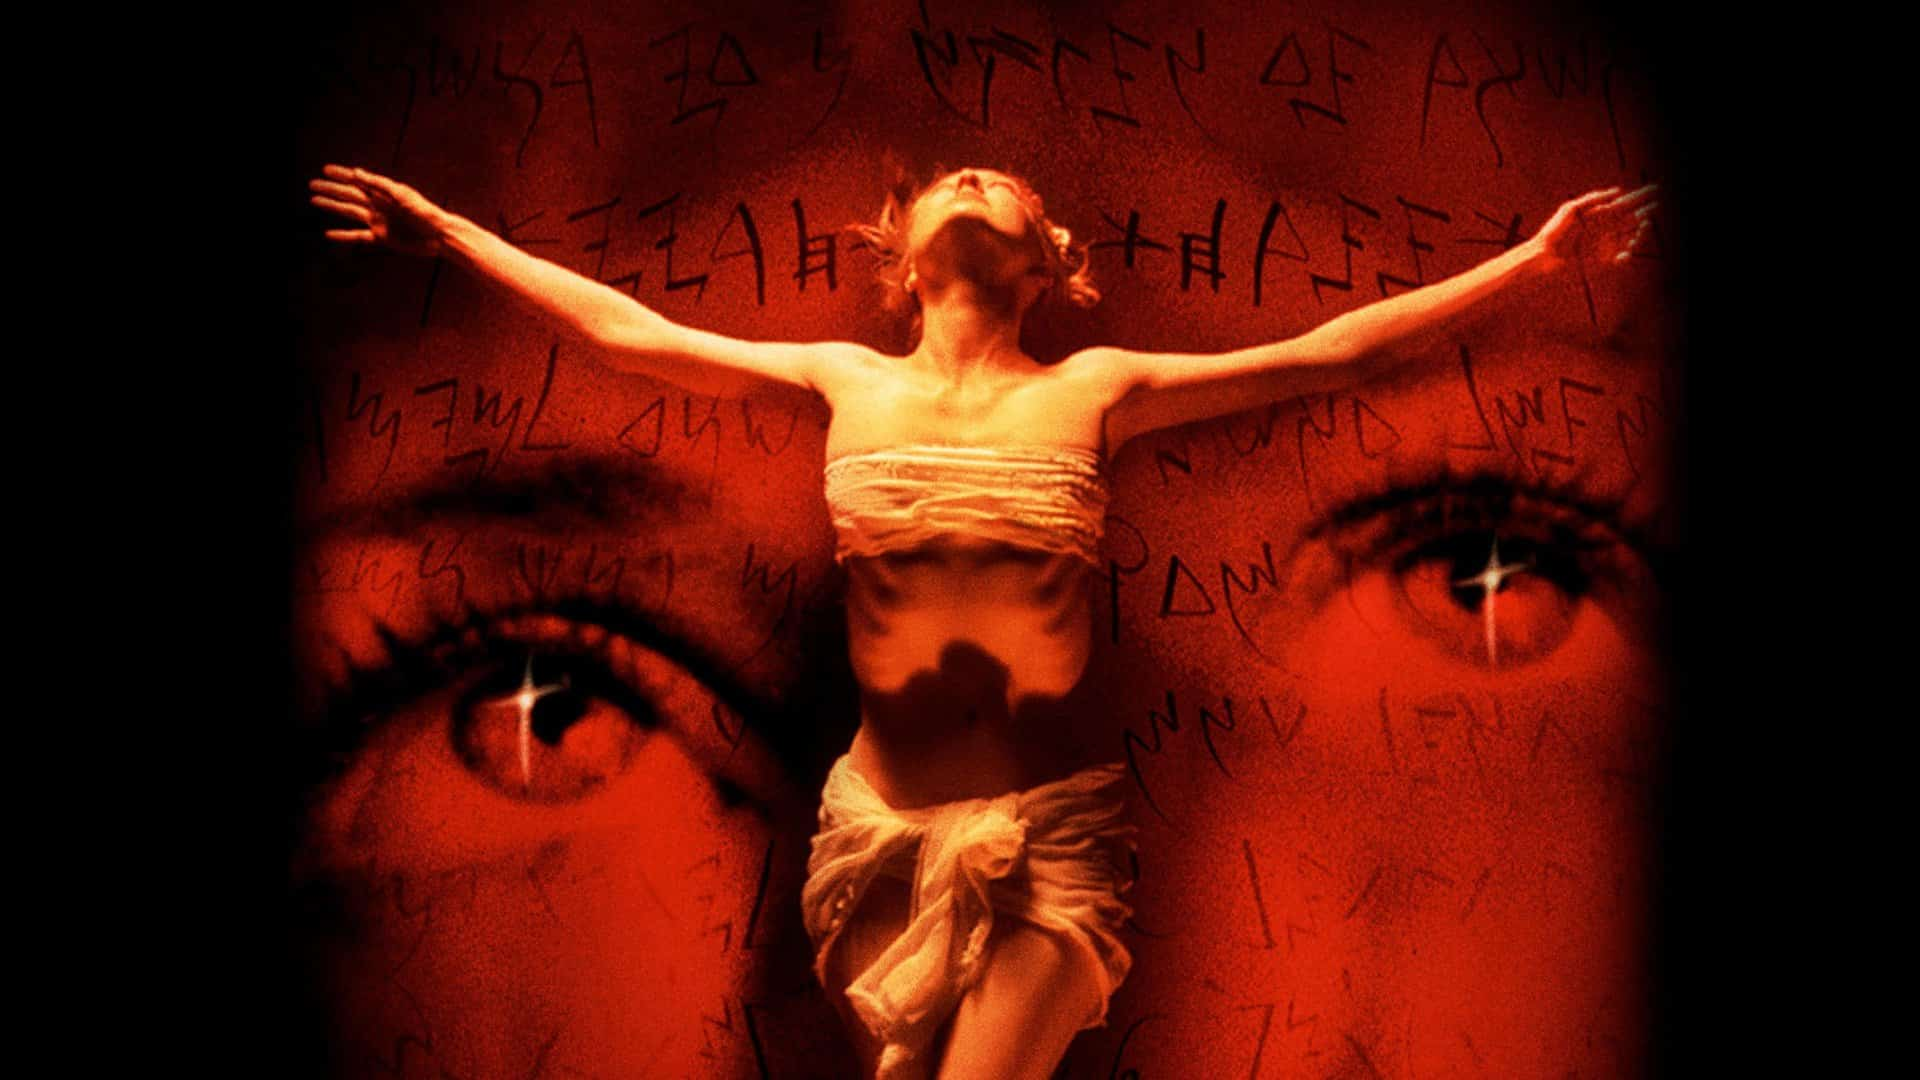 Film horror e thriller oggi in tv gioved 6 dicembre 2018 - Candyman terrore dietro lo specchio ...